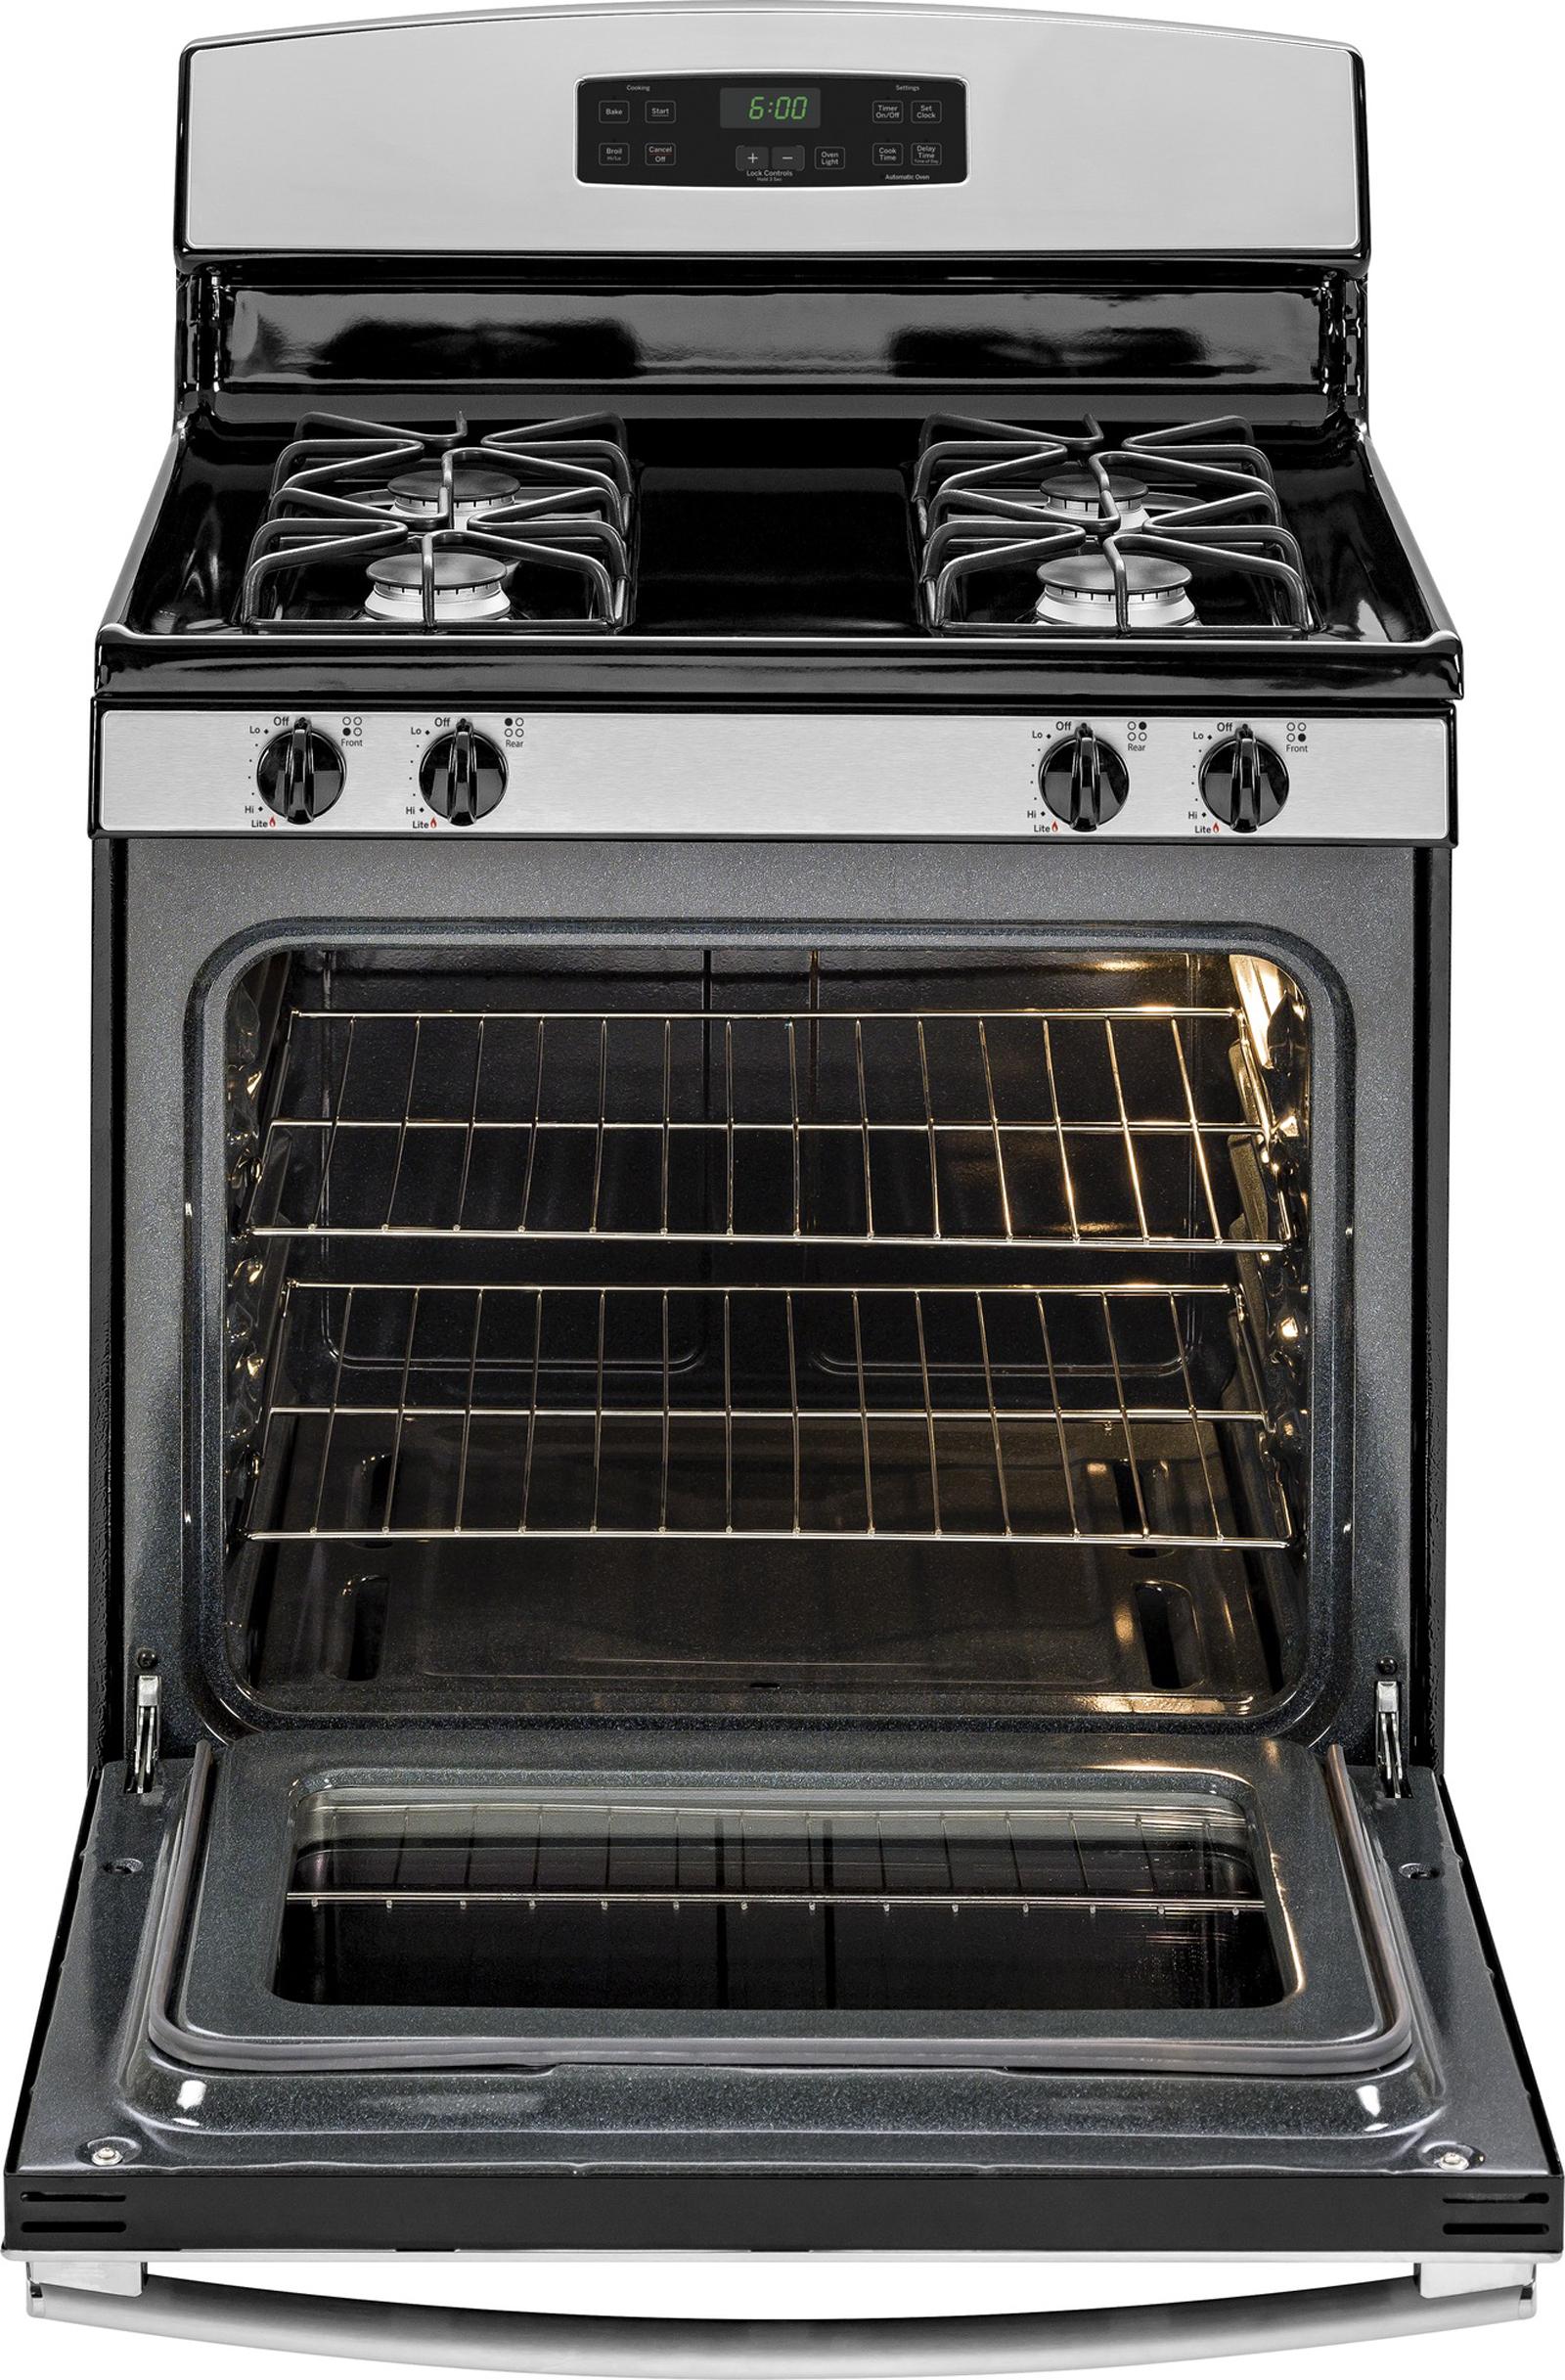 GE Appliances JGBS60REFSS 4.8 cu. ft. Gas Range - Stainless Steel